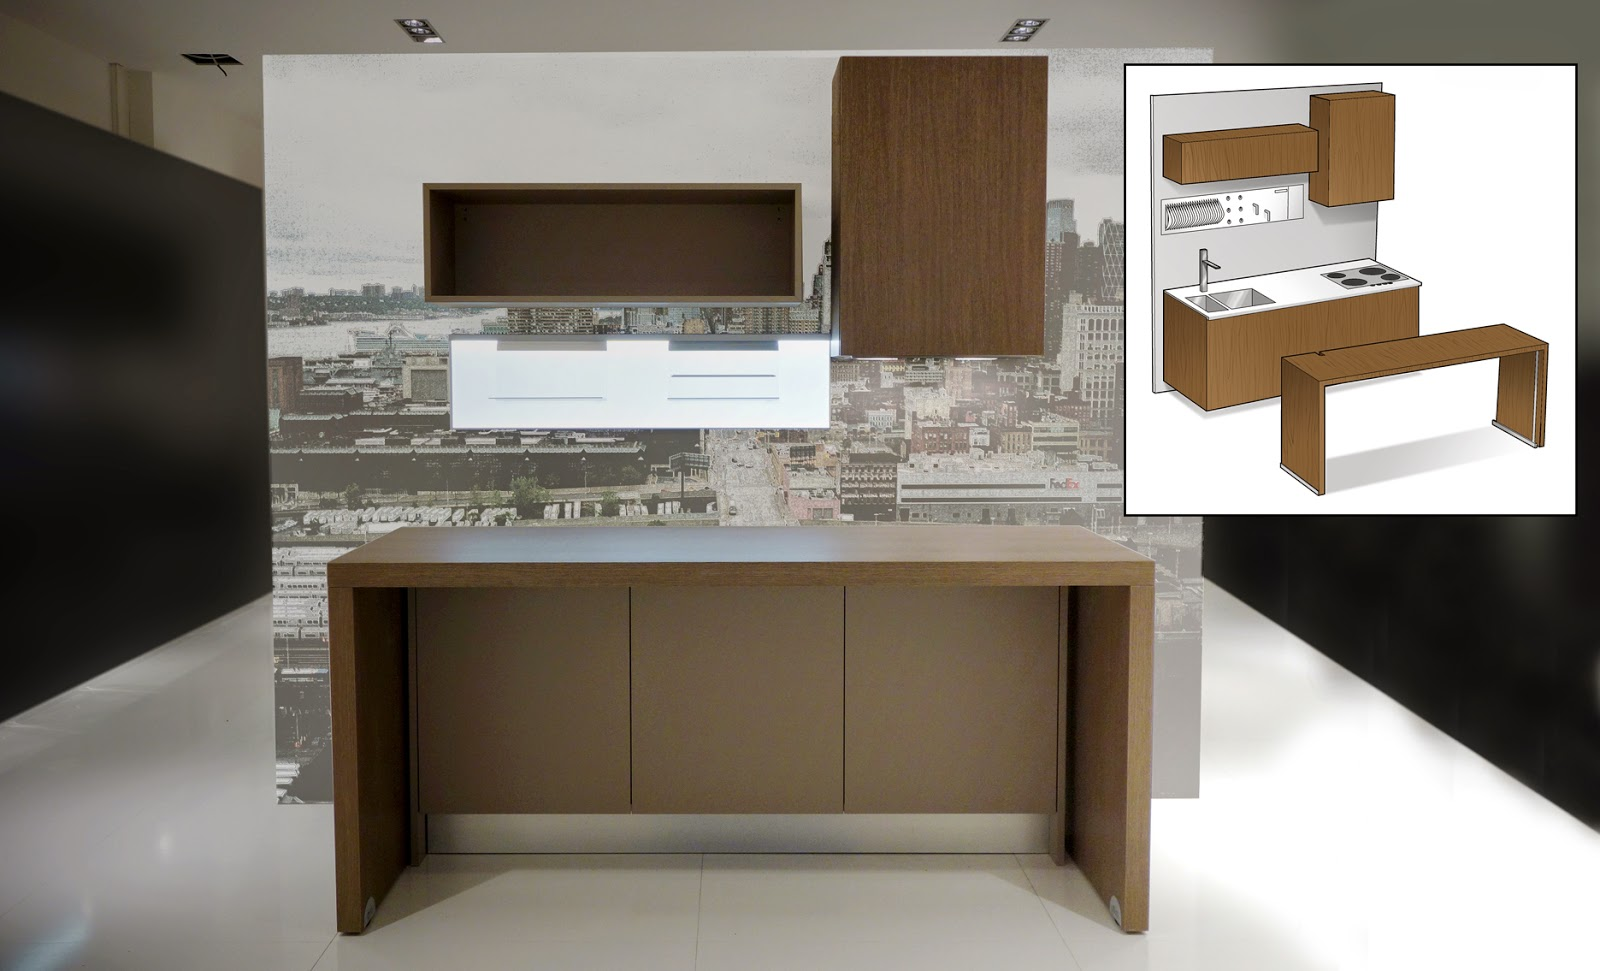 Piccola cucina angolare i mobili salvaspazio di alicante - Colori per cucina piccola ...